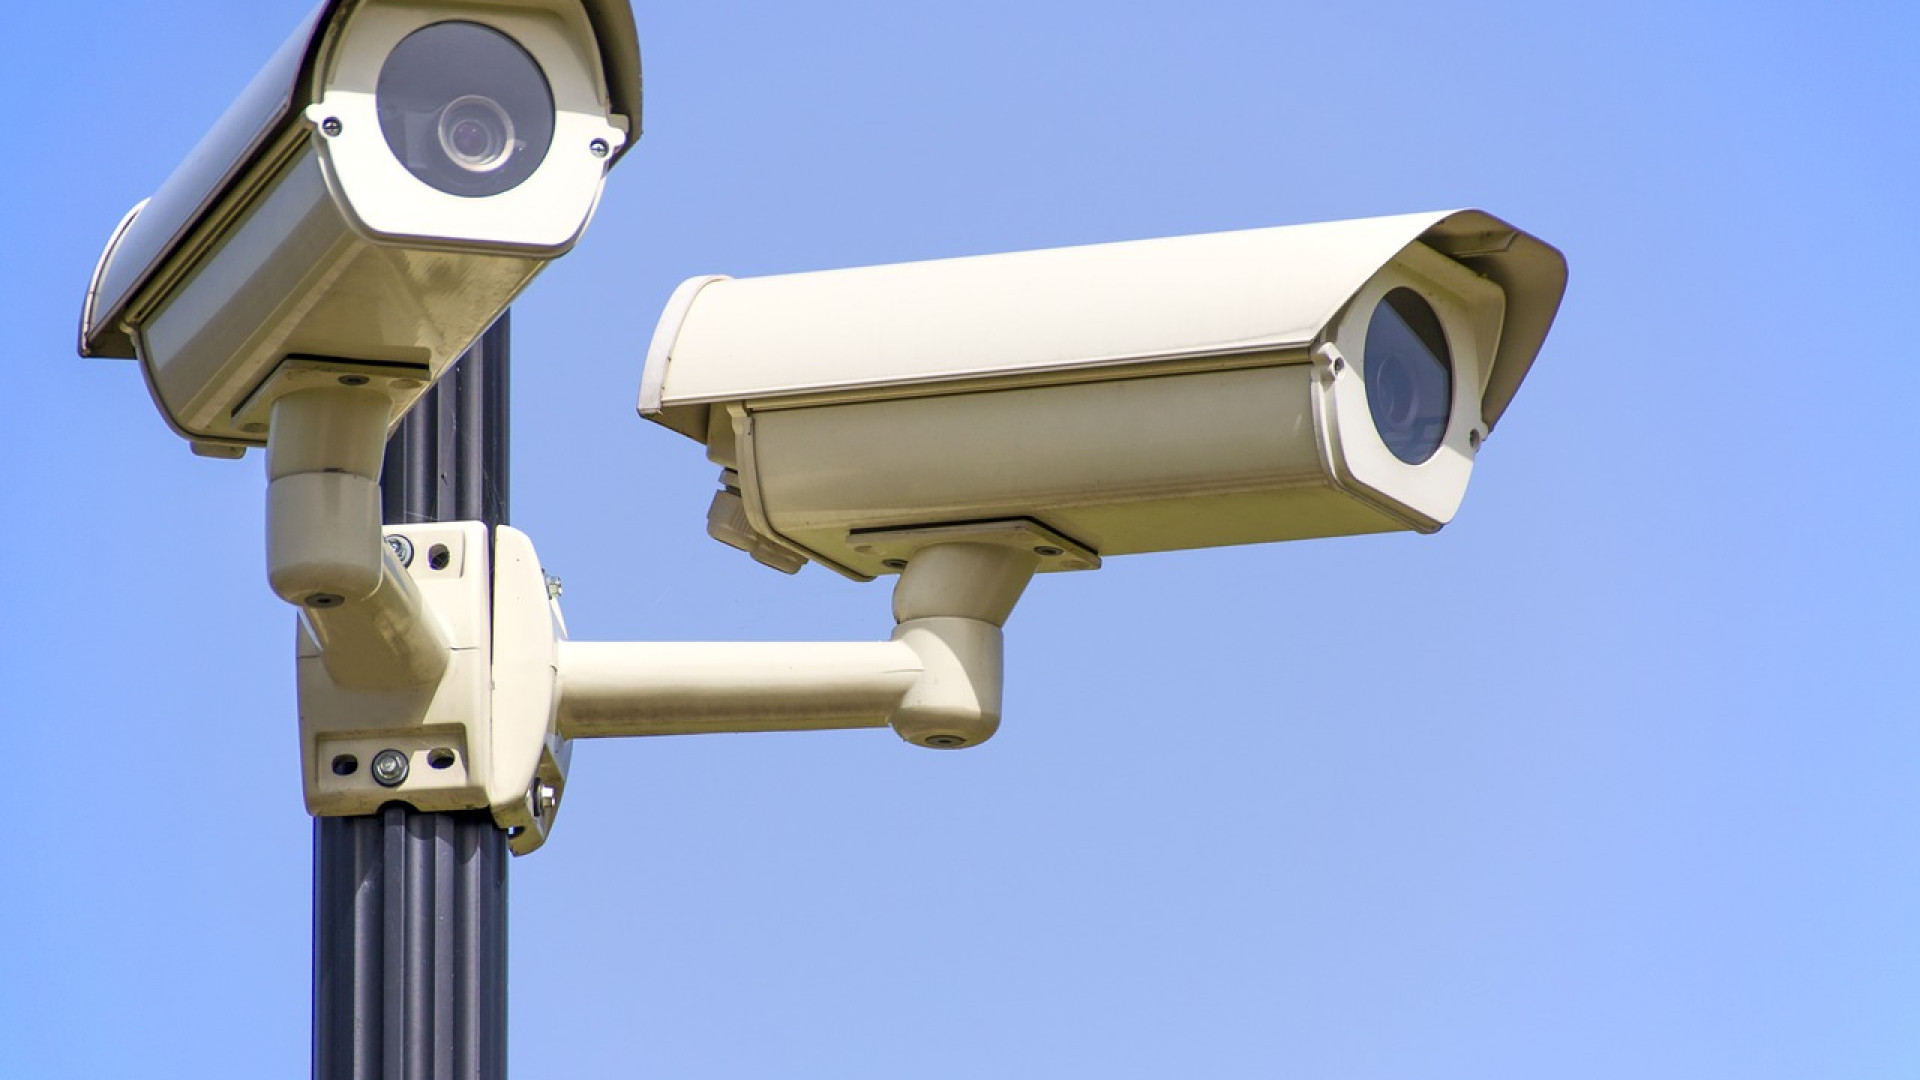 La vidéosurveillance est-elle vraiment efficace?